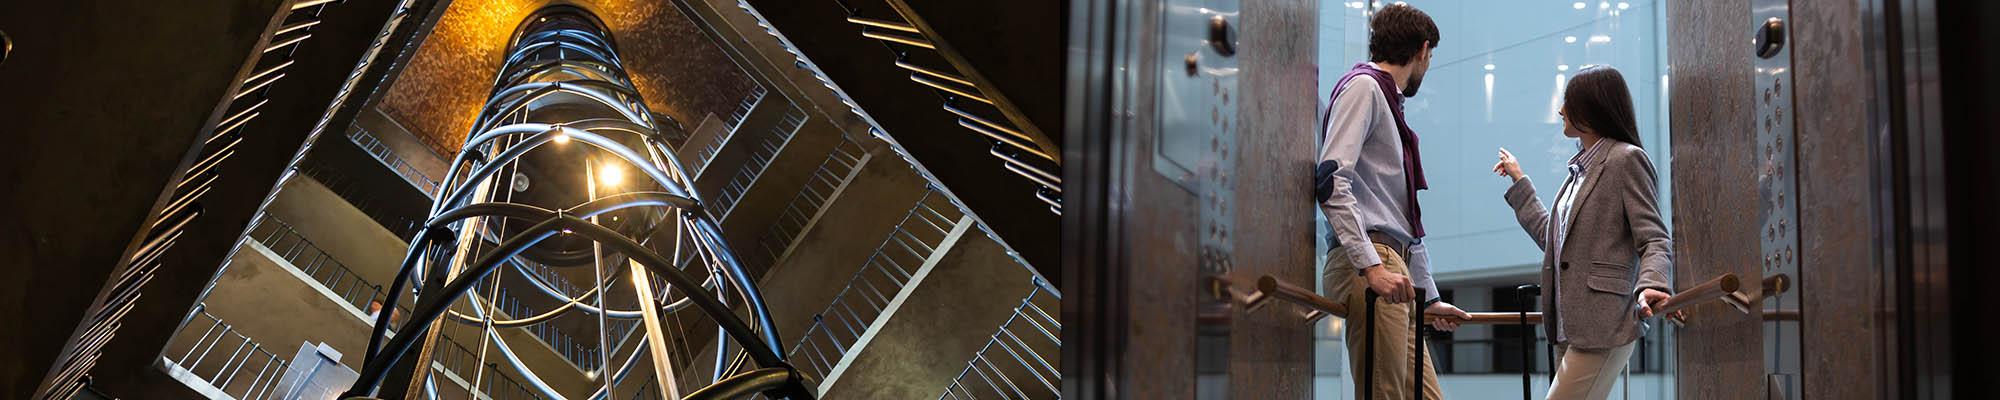 ikonic lift passenger lifts